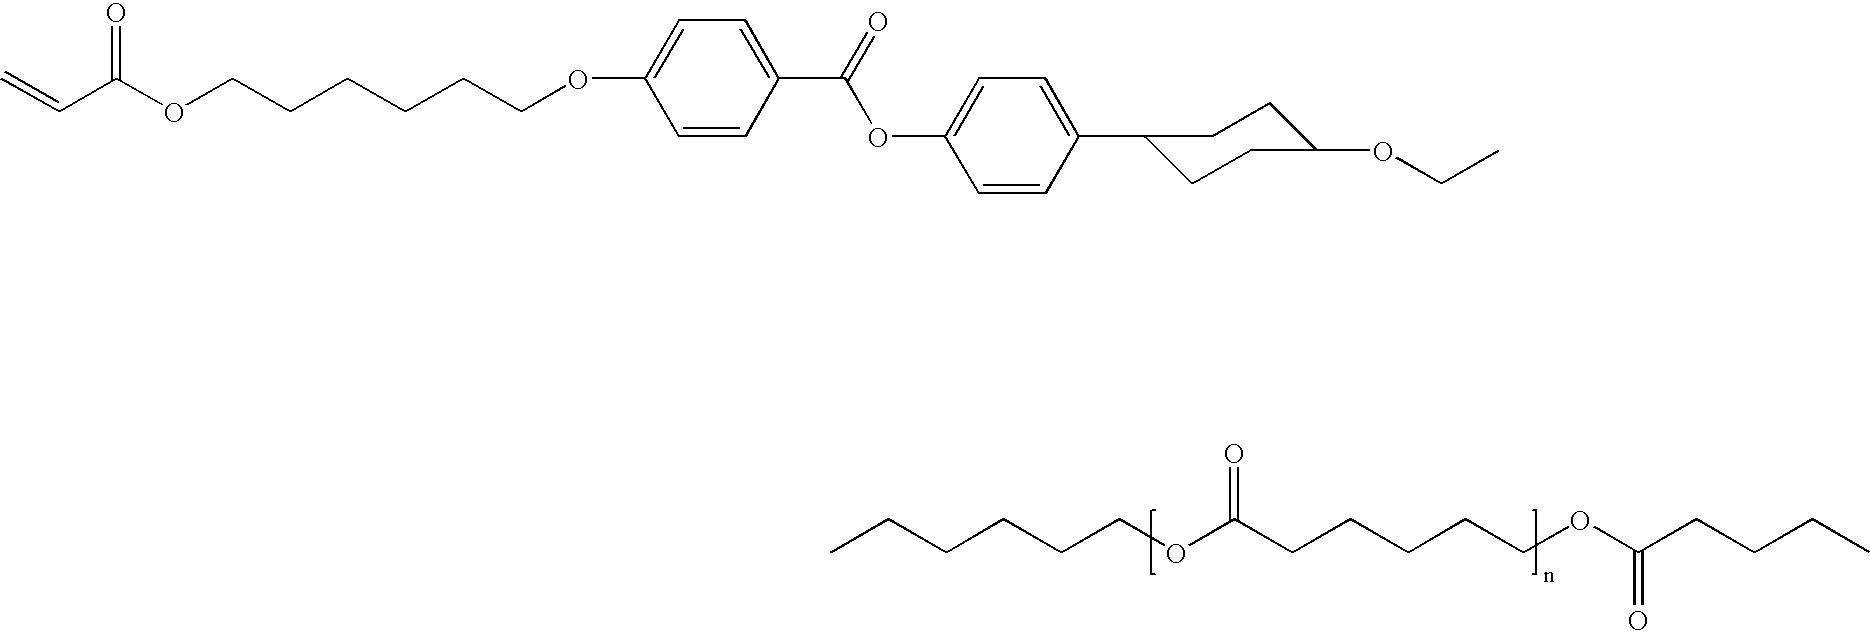 Figure US20100014010A1-20100121-C00085